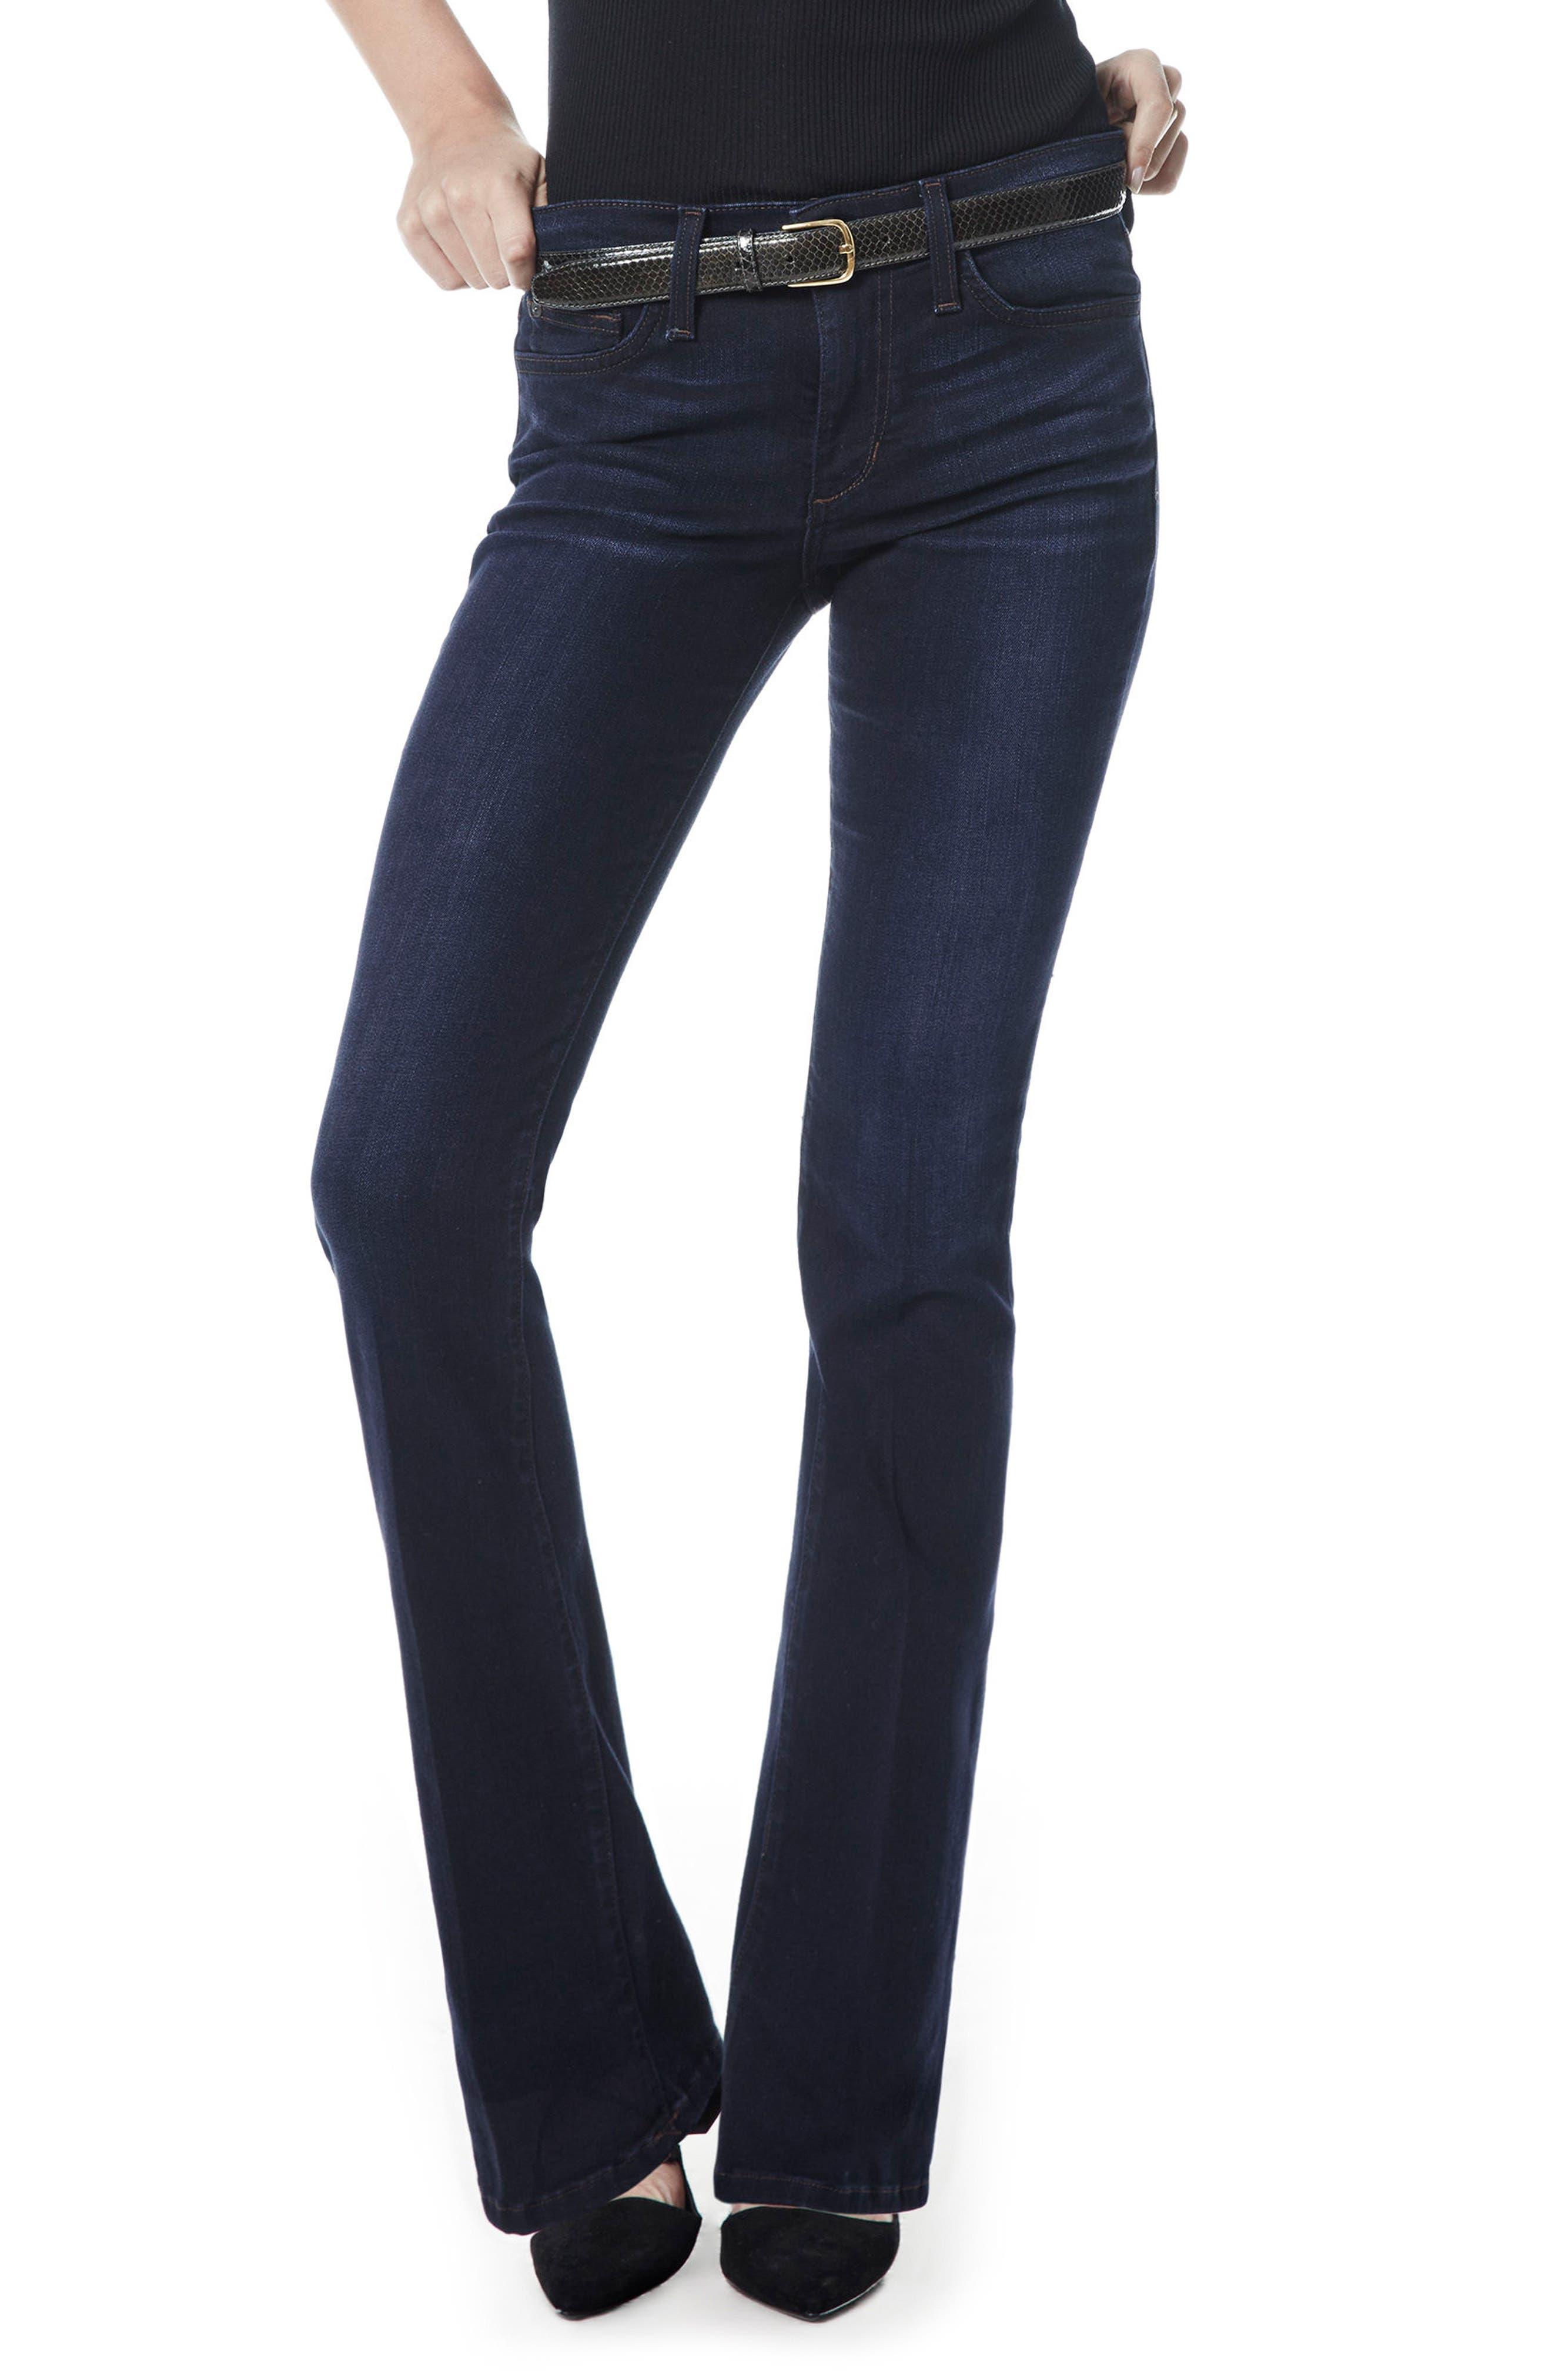 JOE'S,                             'Provocateur' Bootcut Jeans,                             Main thumbnail 1, color,                             400